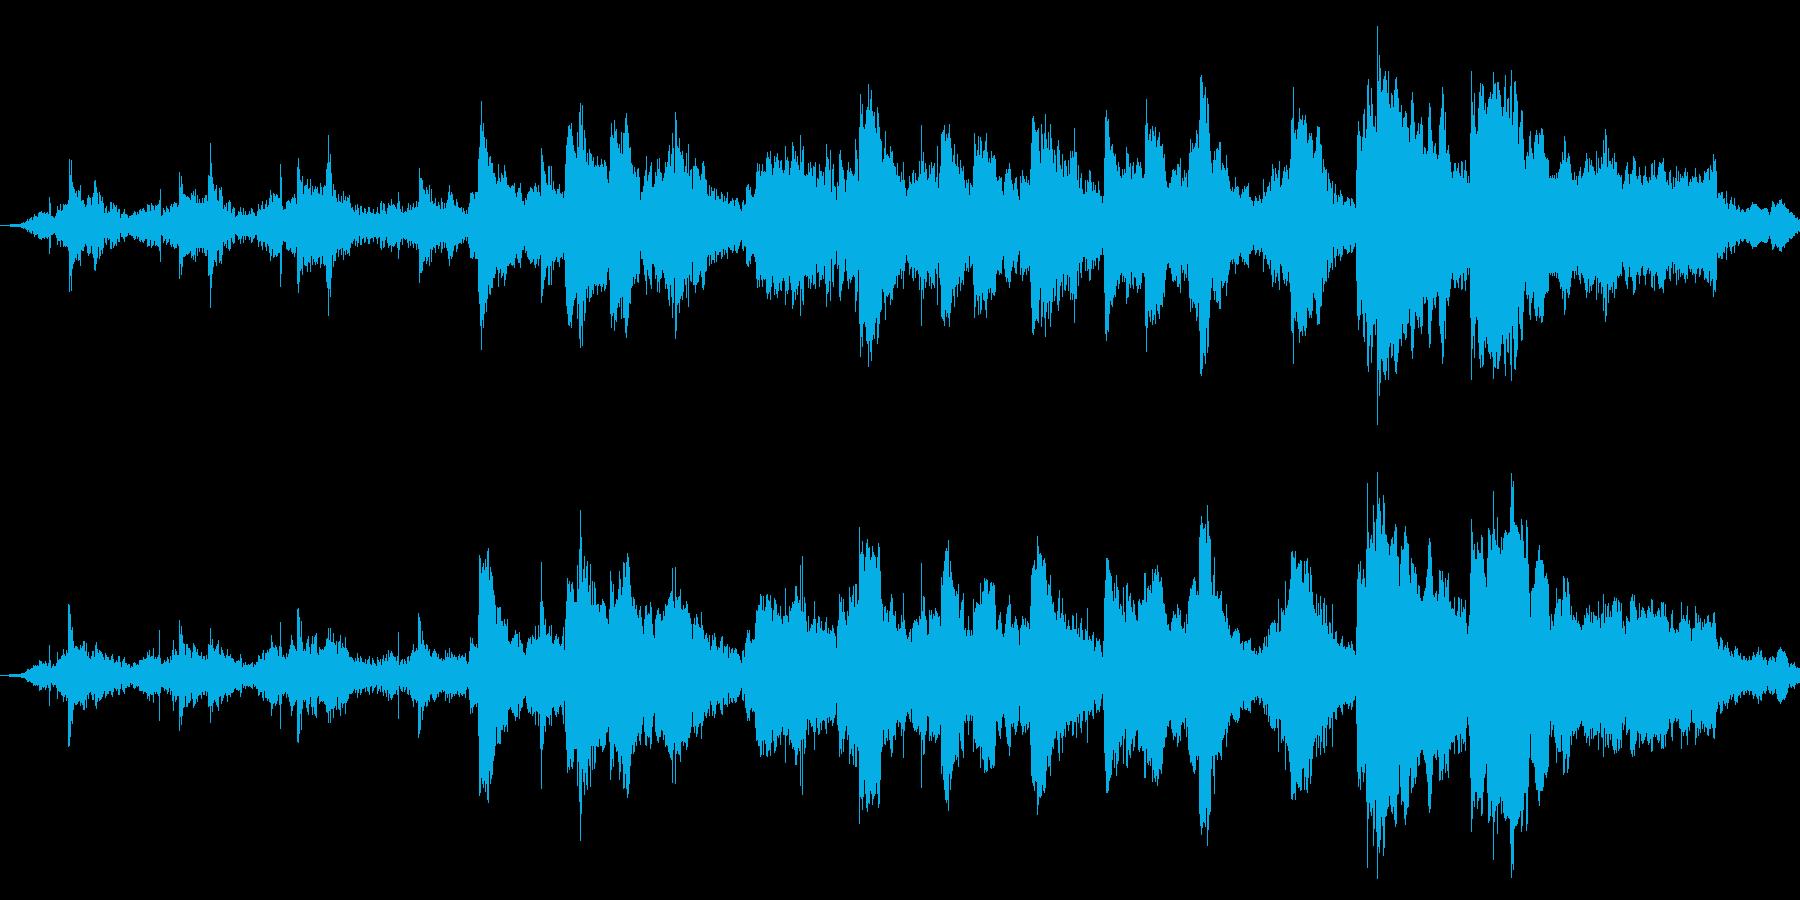 ミステリー等に合う不協和音な音です。の再生済みの波形